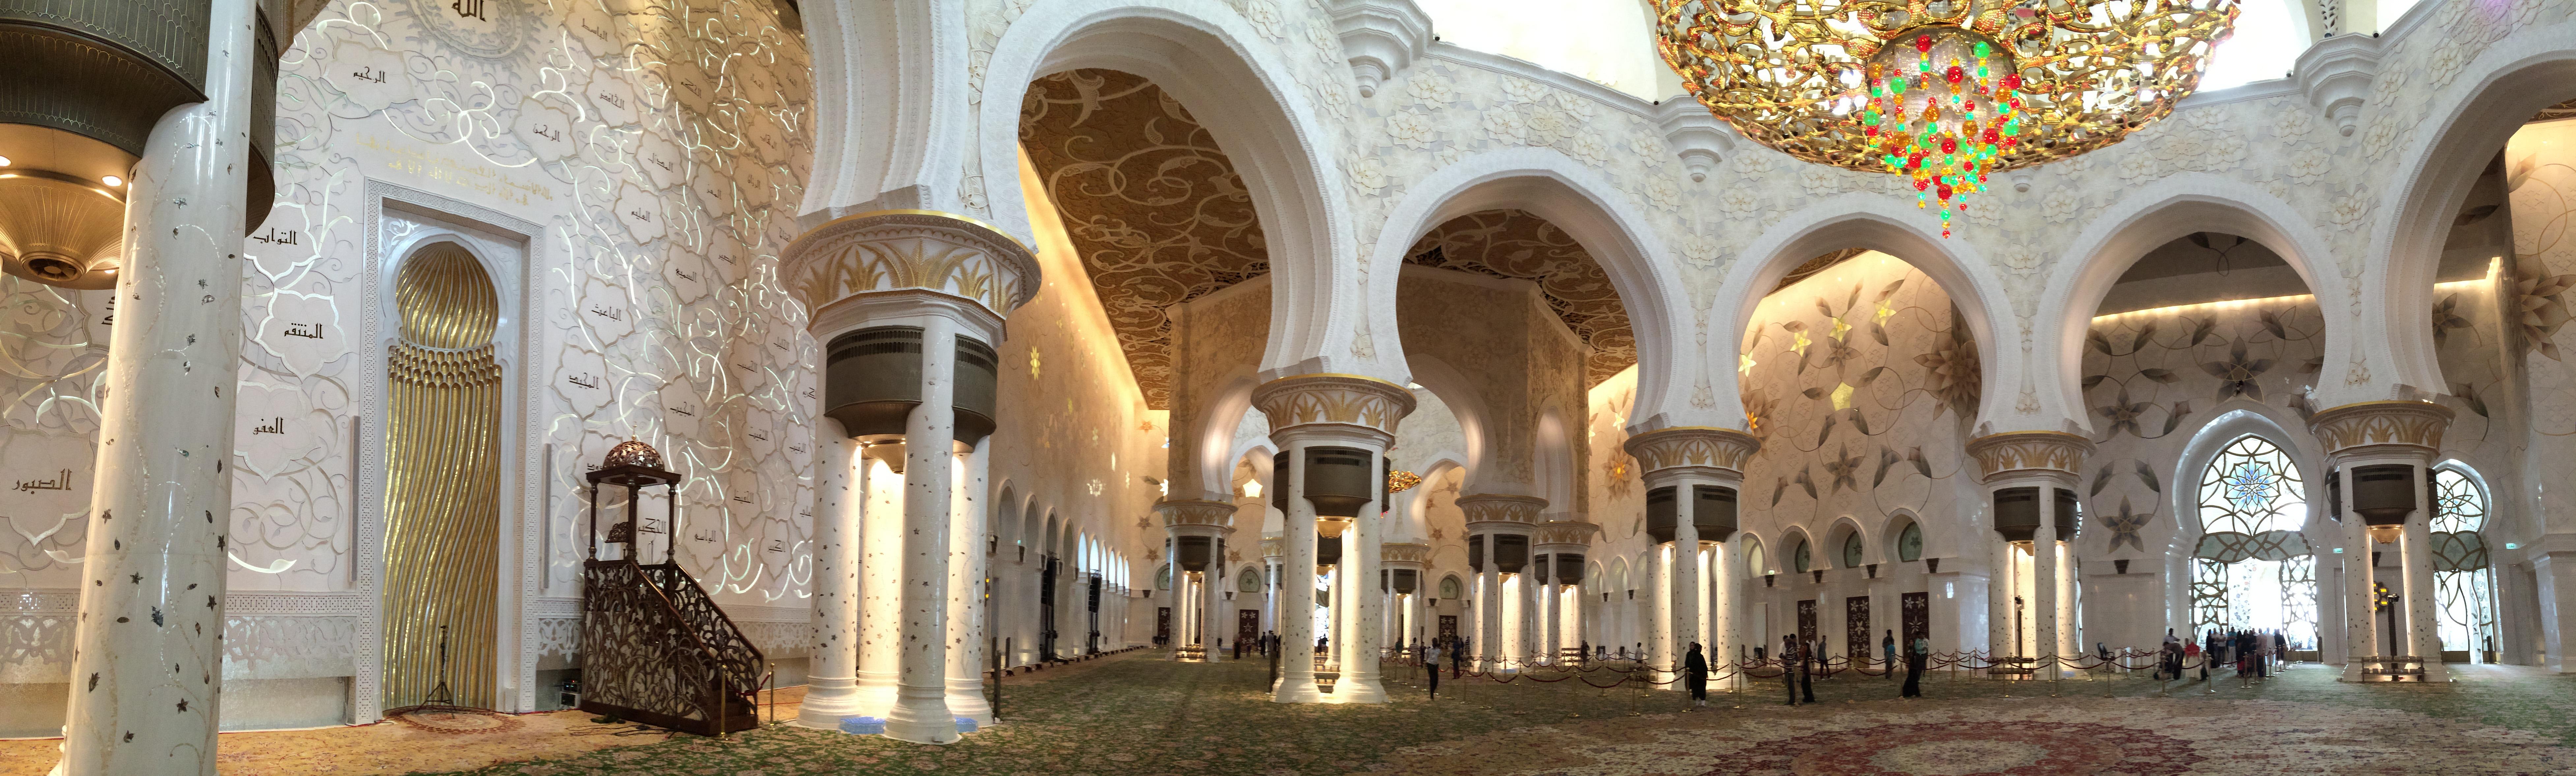 Foyer Decor Abu Dhabi : Sheikh zayed mosque in abu dhabi stylish heath